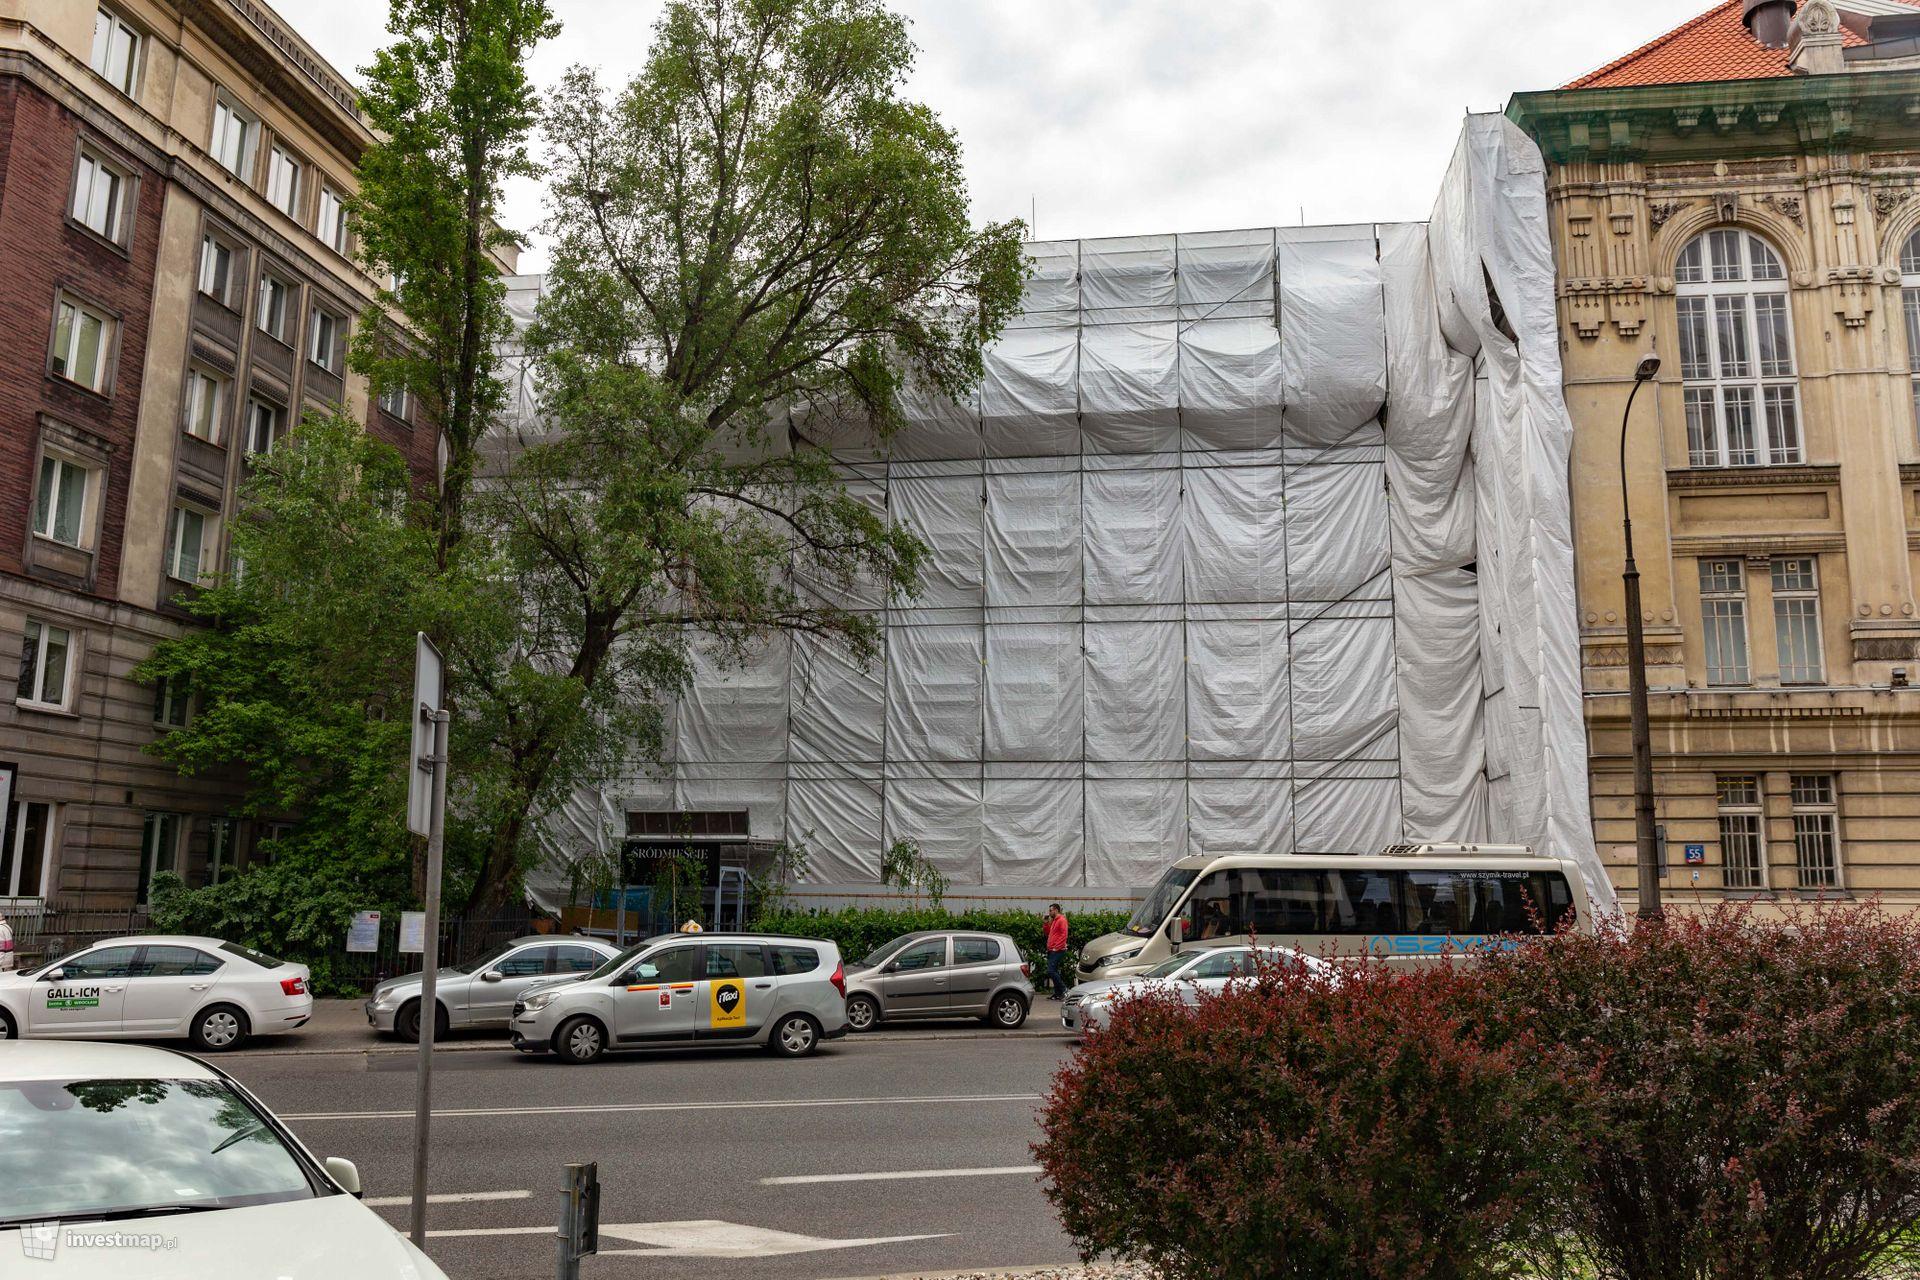 Wydział Architektury Politechniki Warszawskiej przy Koszykowej 55